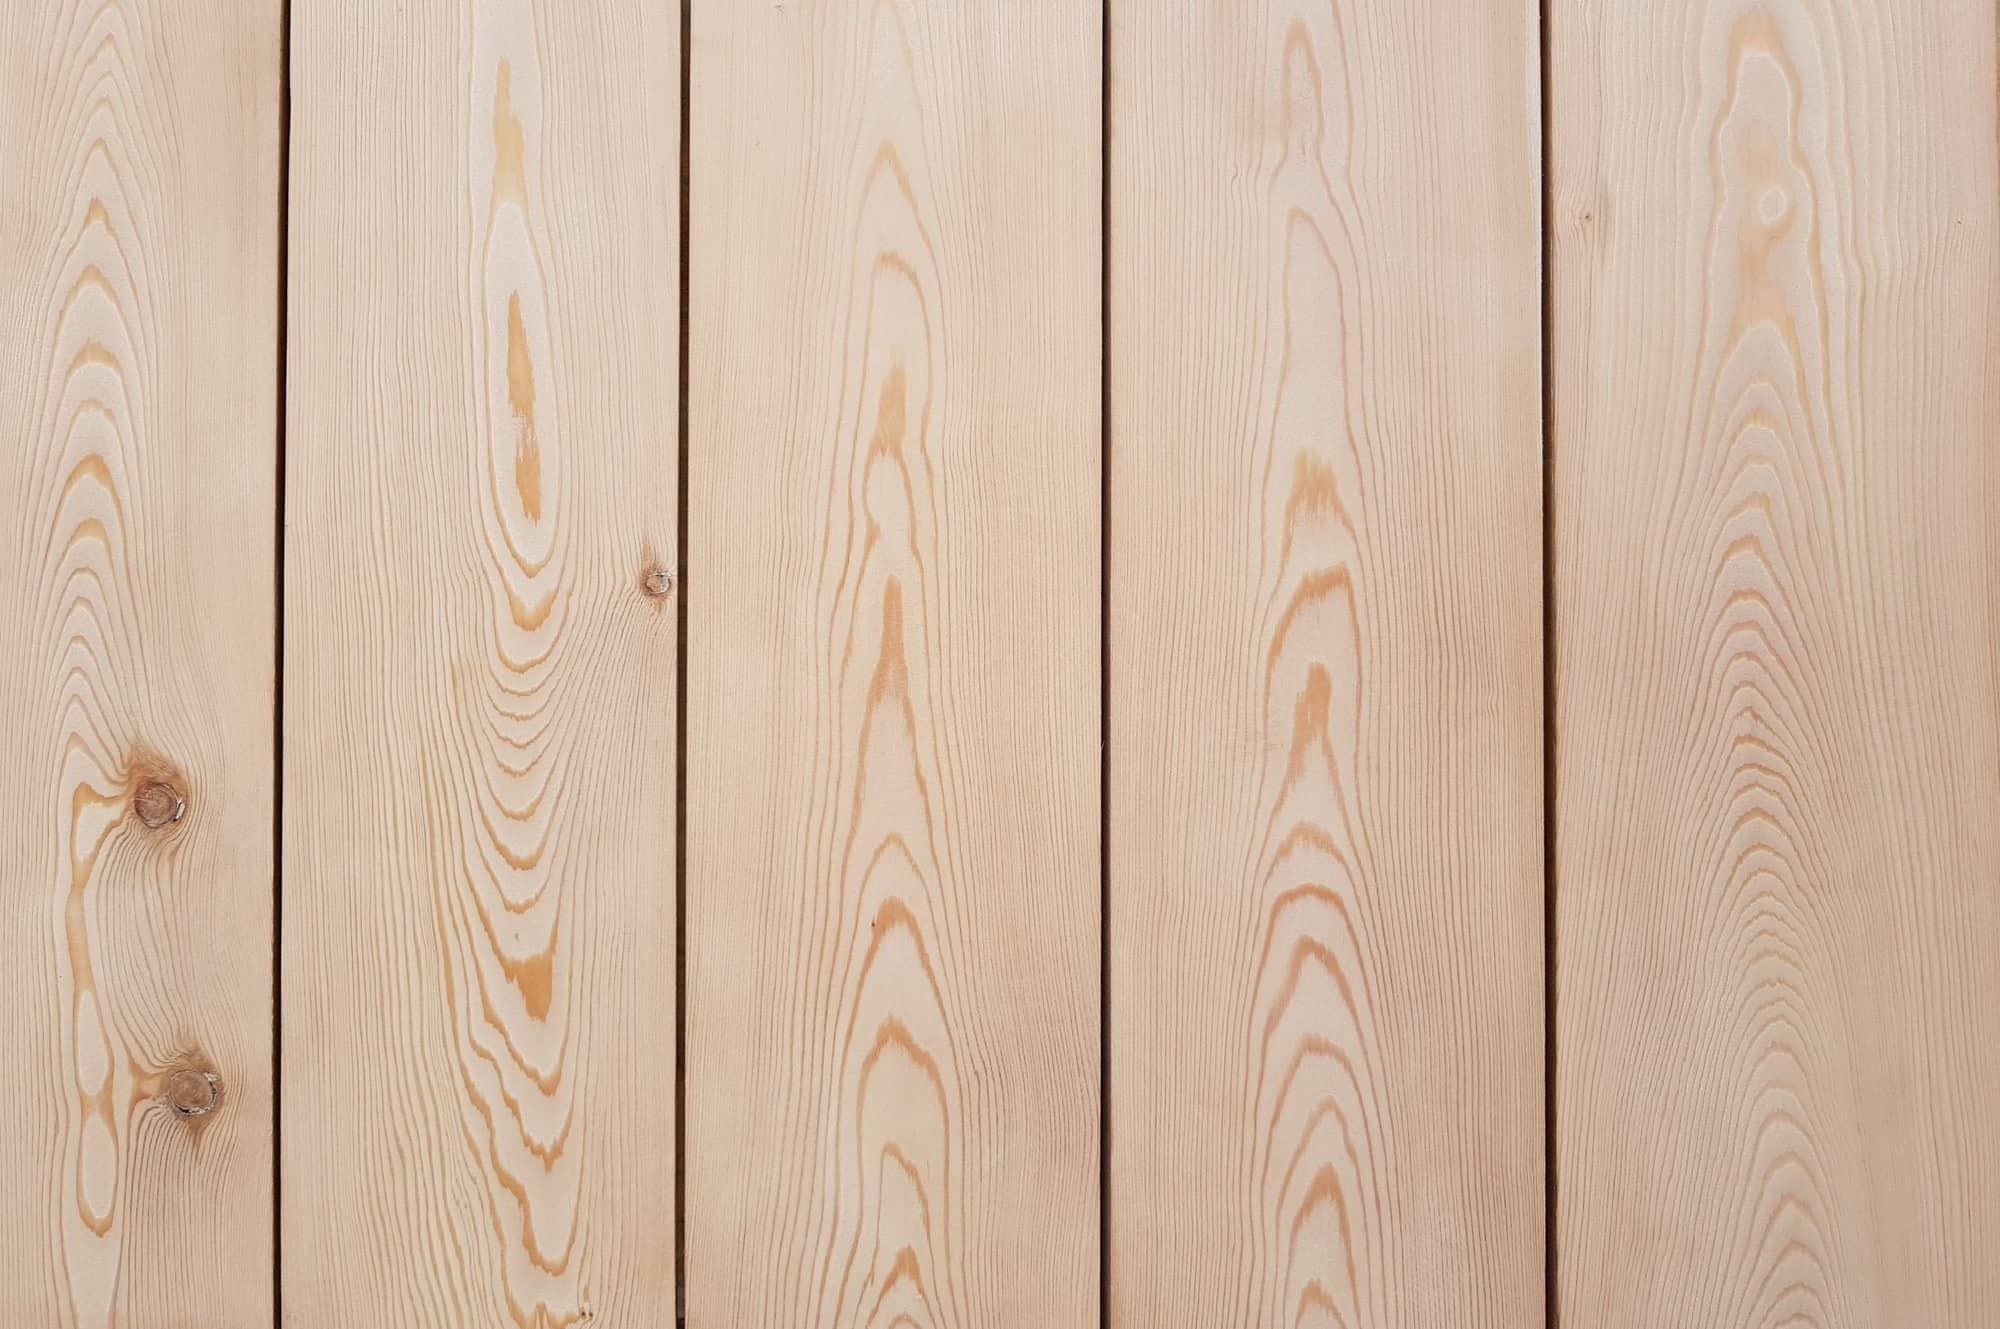 Gỗ thông là gì? Phân loại & Ứng dụng của gỗ thông là gì? 1